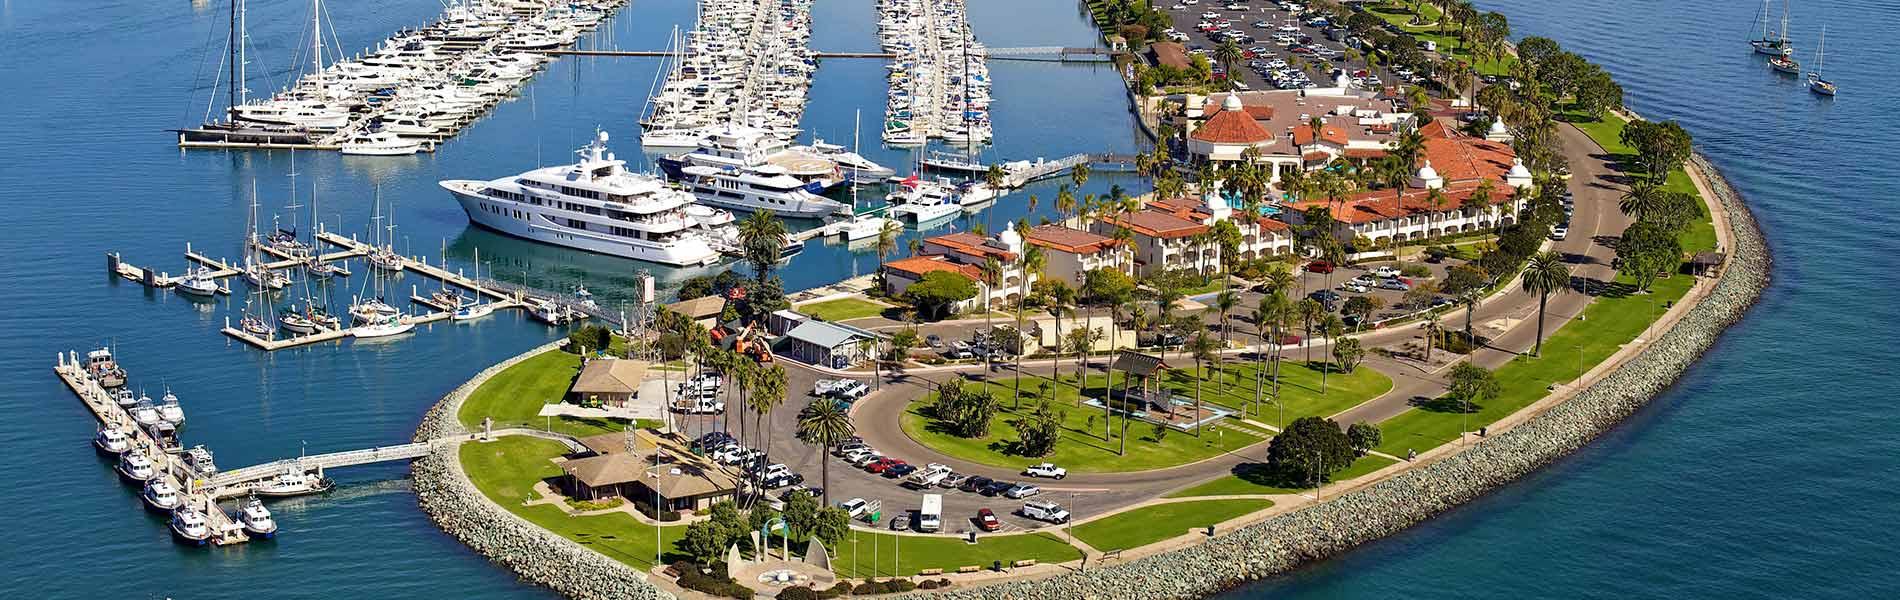 Kona Kai Marina San Diego